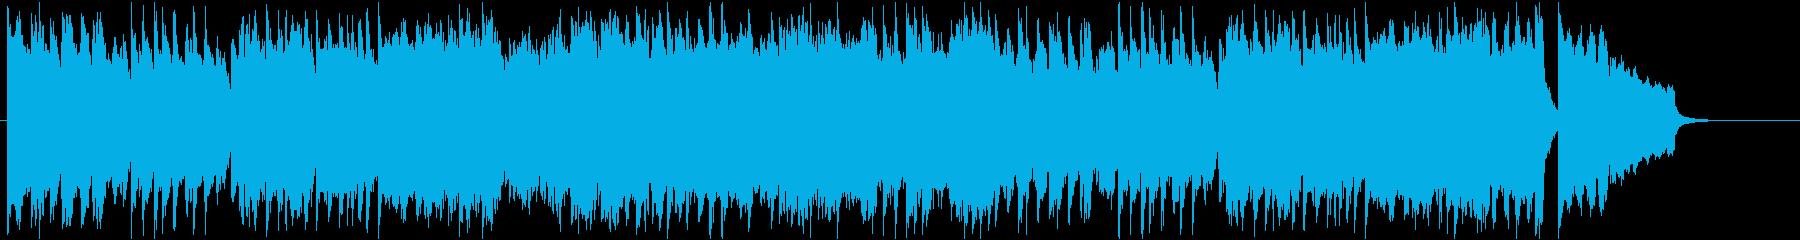 力強くも軽快な、テンポの速いピアノ曲の再生済みの波形